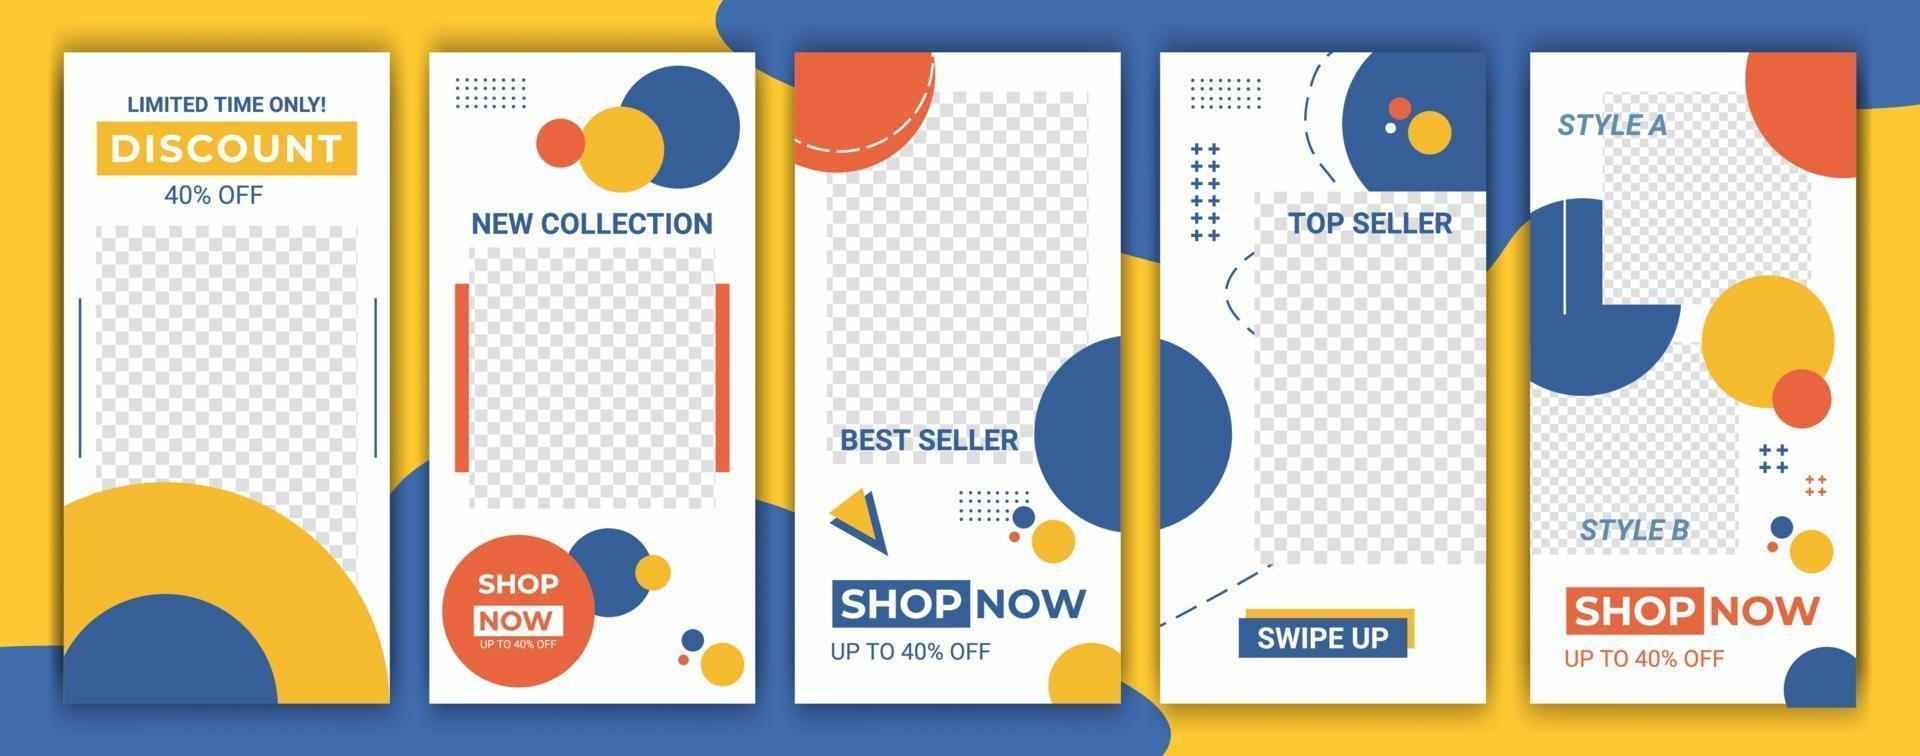 design för sociala medier. trendig redigerbar mall för sociala nätverk berättelser ram. uppsättning mockup för fb-berättelser. vektor layout design för mode, kosmetika, evenemang eller marknadsföring